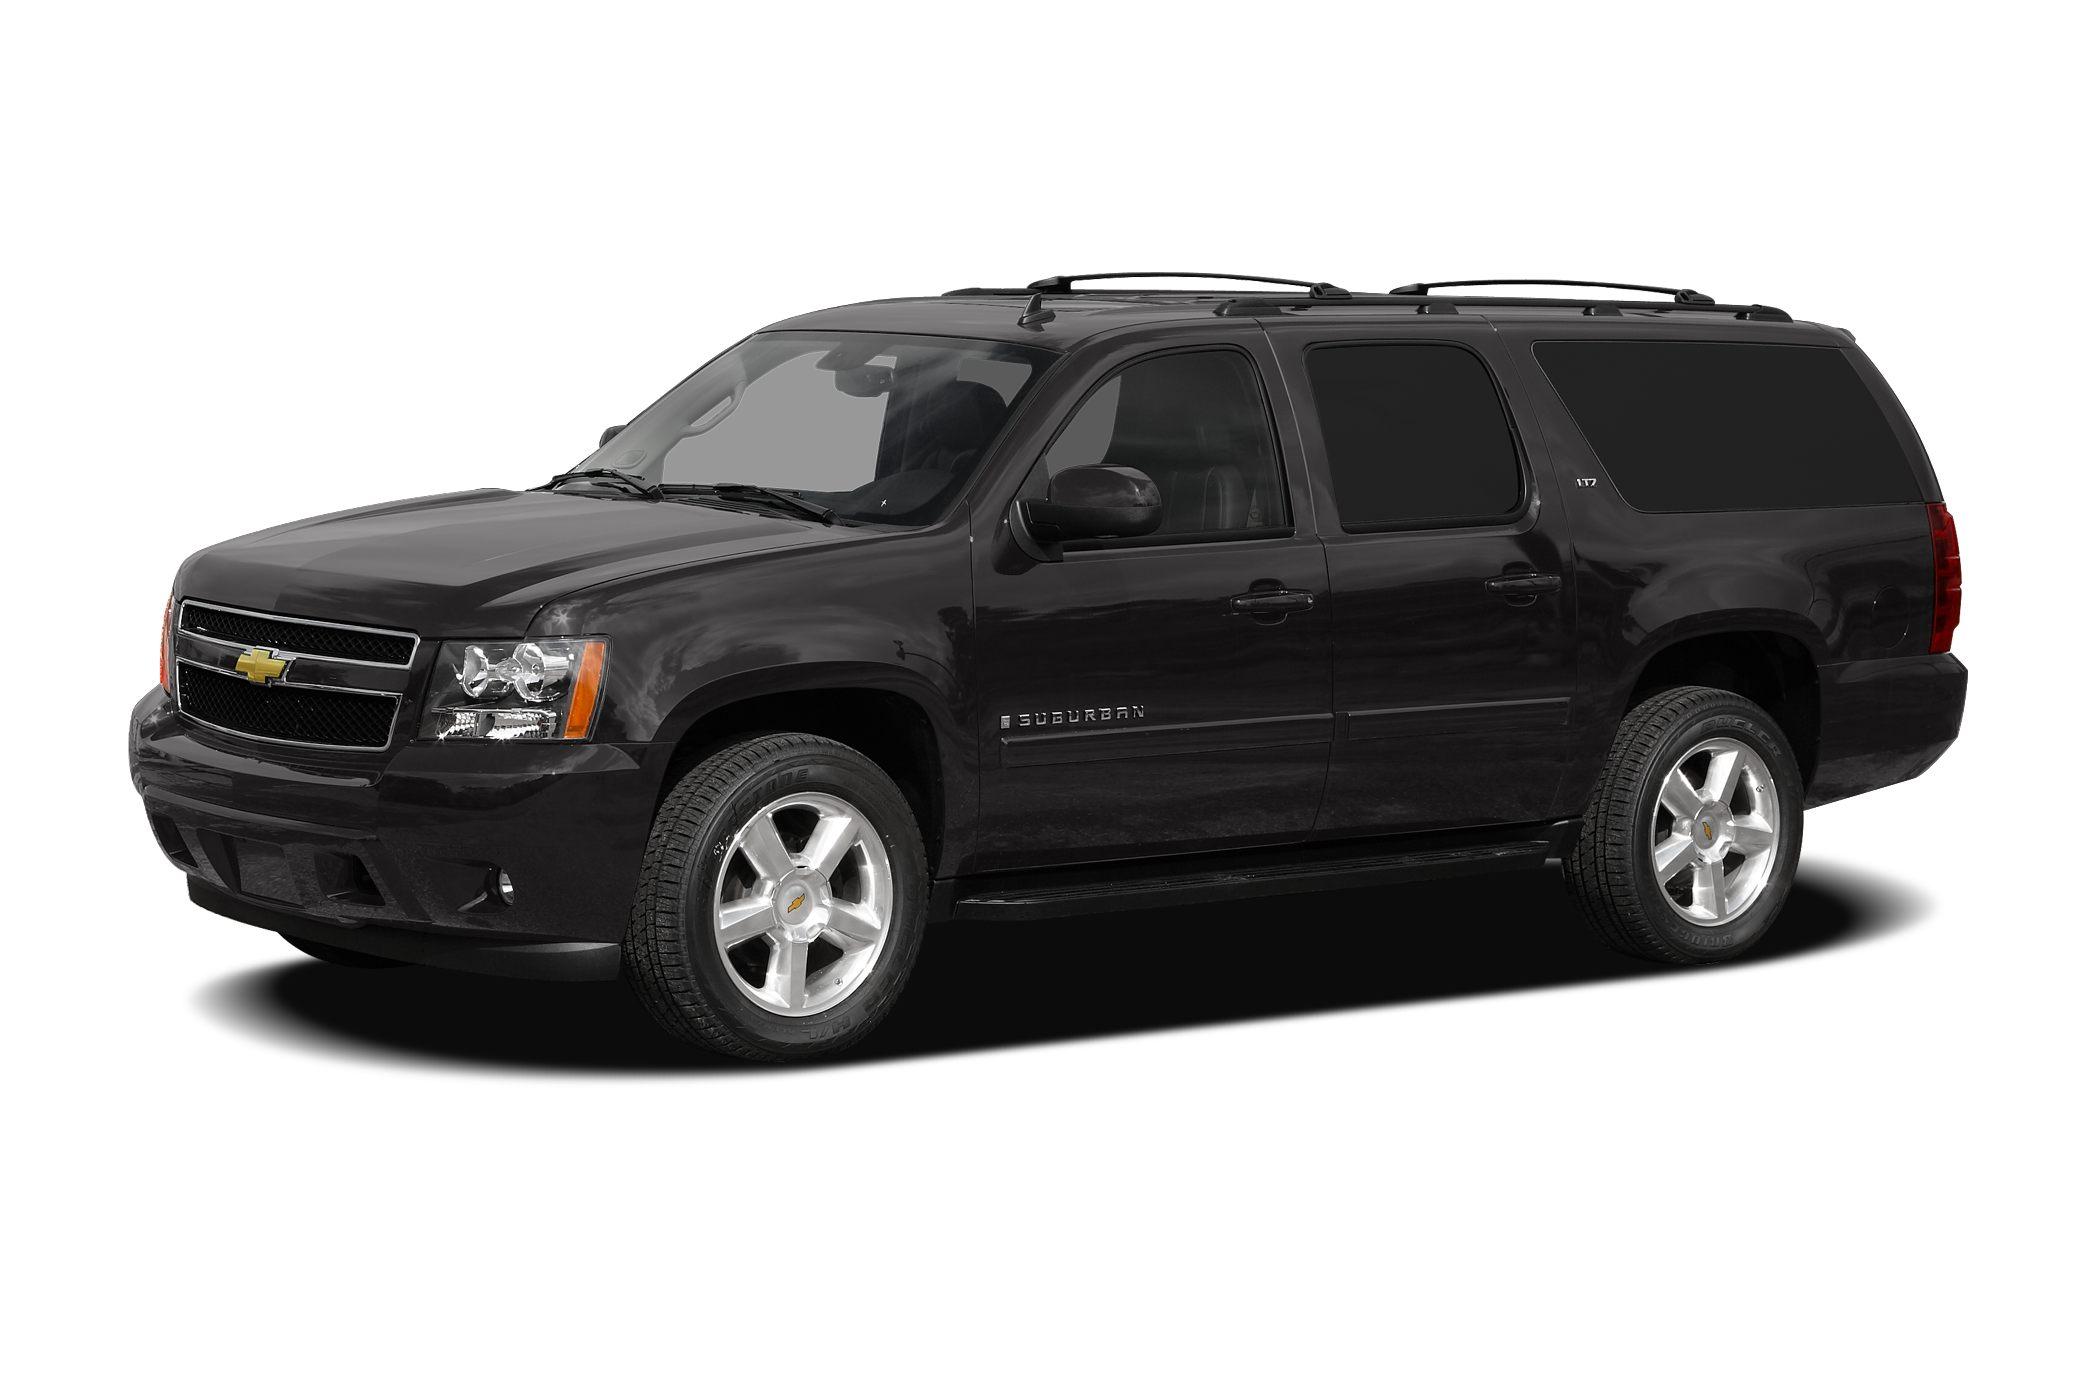 2007 Chevrolet Suburban 1500 LT Miles 214079Stock P10714 VIN 1GNFK16317J189796